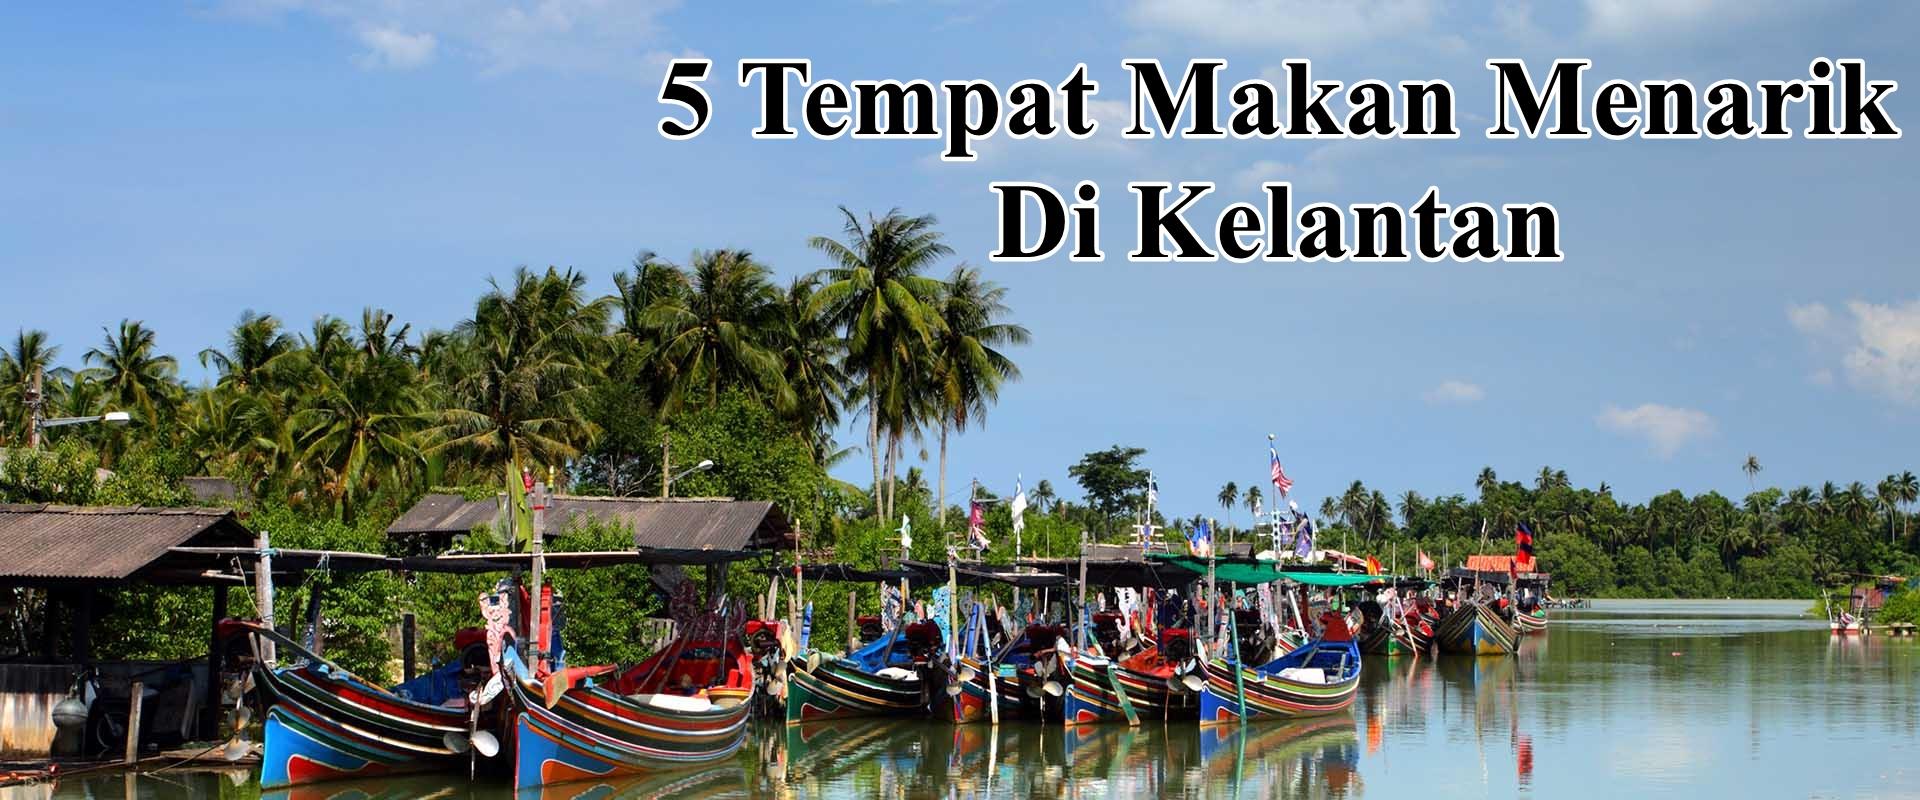 Photo of 5 Tempat Makan Menarik Yang Anda Perlu Cuba Di Kelantan